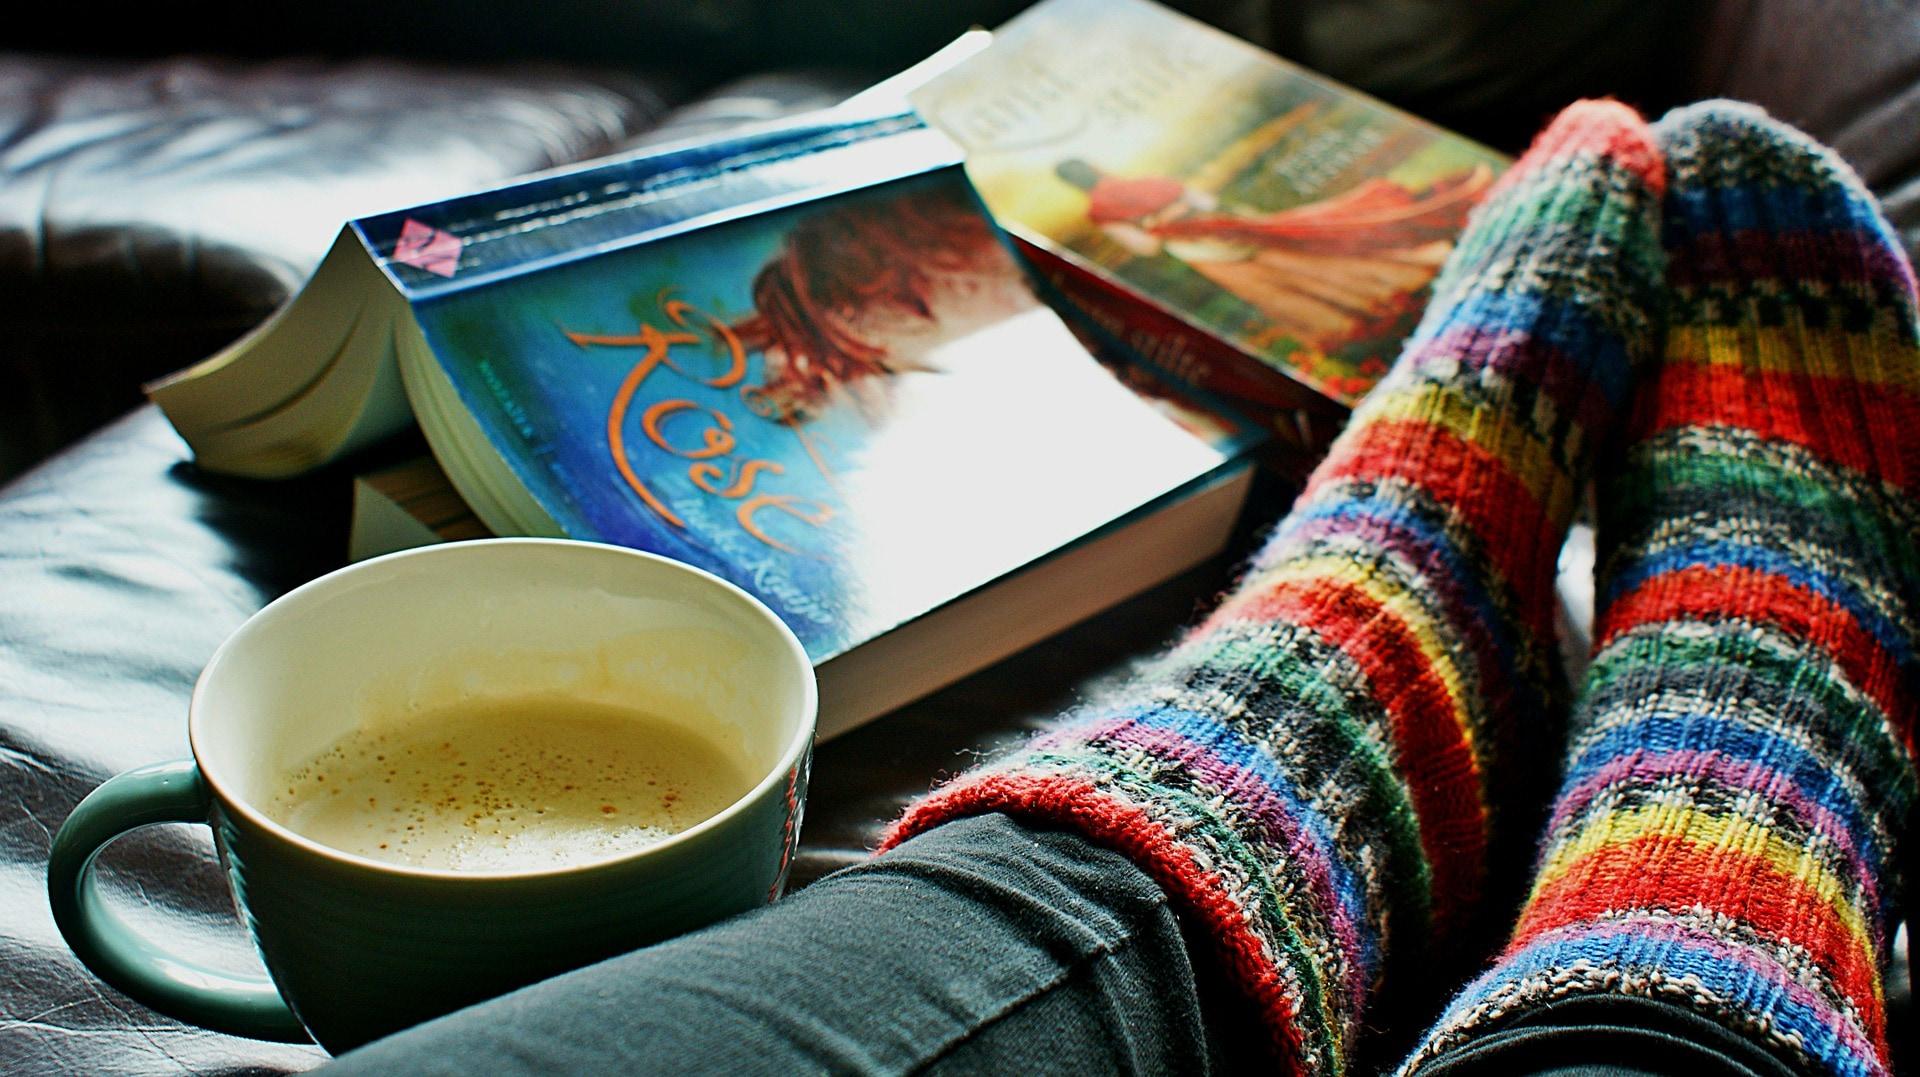 Bei manchen Frauen ist Frieren ein Symptom der Wechseljahre - dann helfen warme Socken und eine Bettflasche